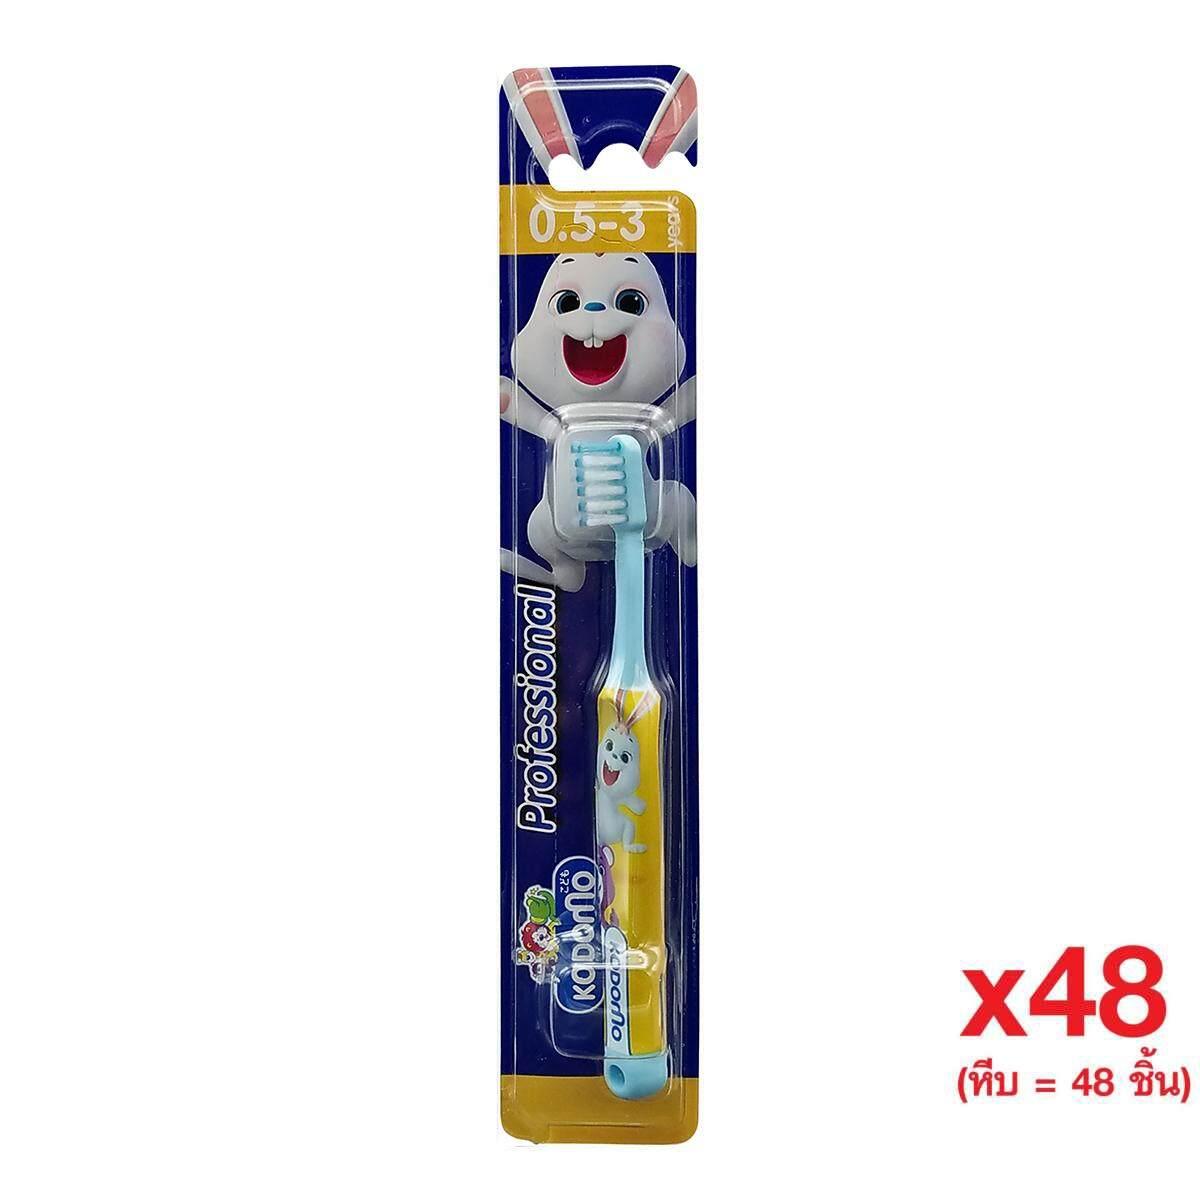 รีวิว KODOMO แปรงสีฟันเด็ก โคโดโม (โปรเฟสชั่นแนล) 0.5-3 ปี (ซื้อยกหีบ 48 ด้าม) (คละสี)